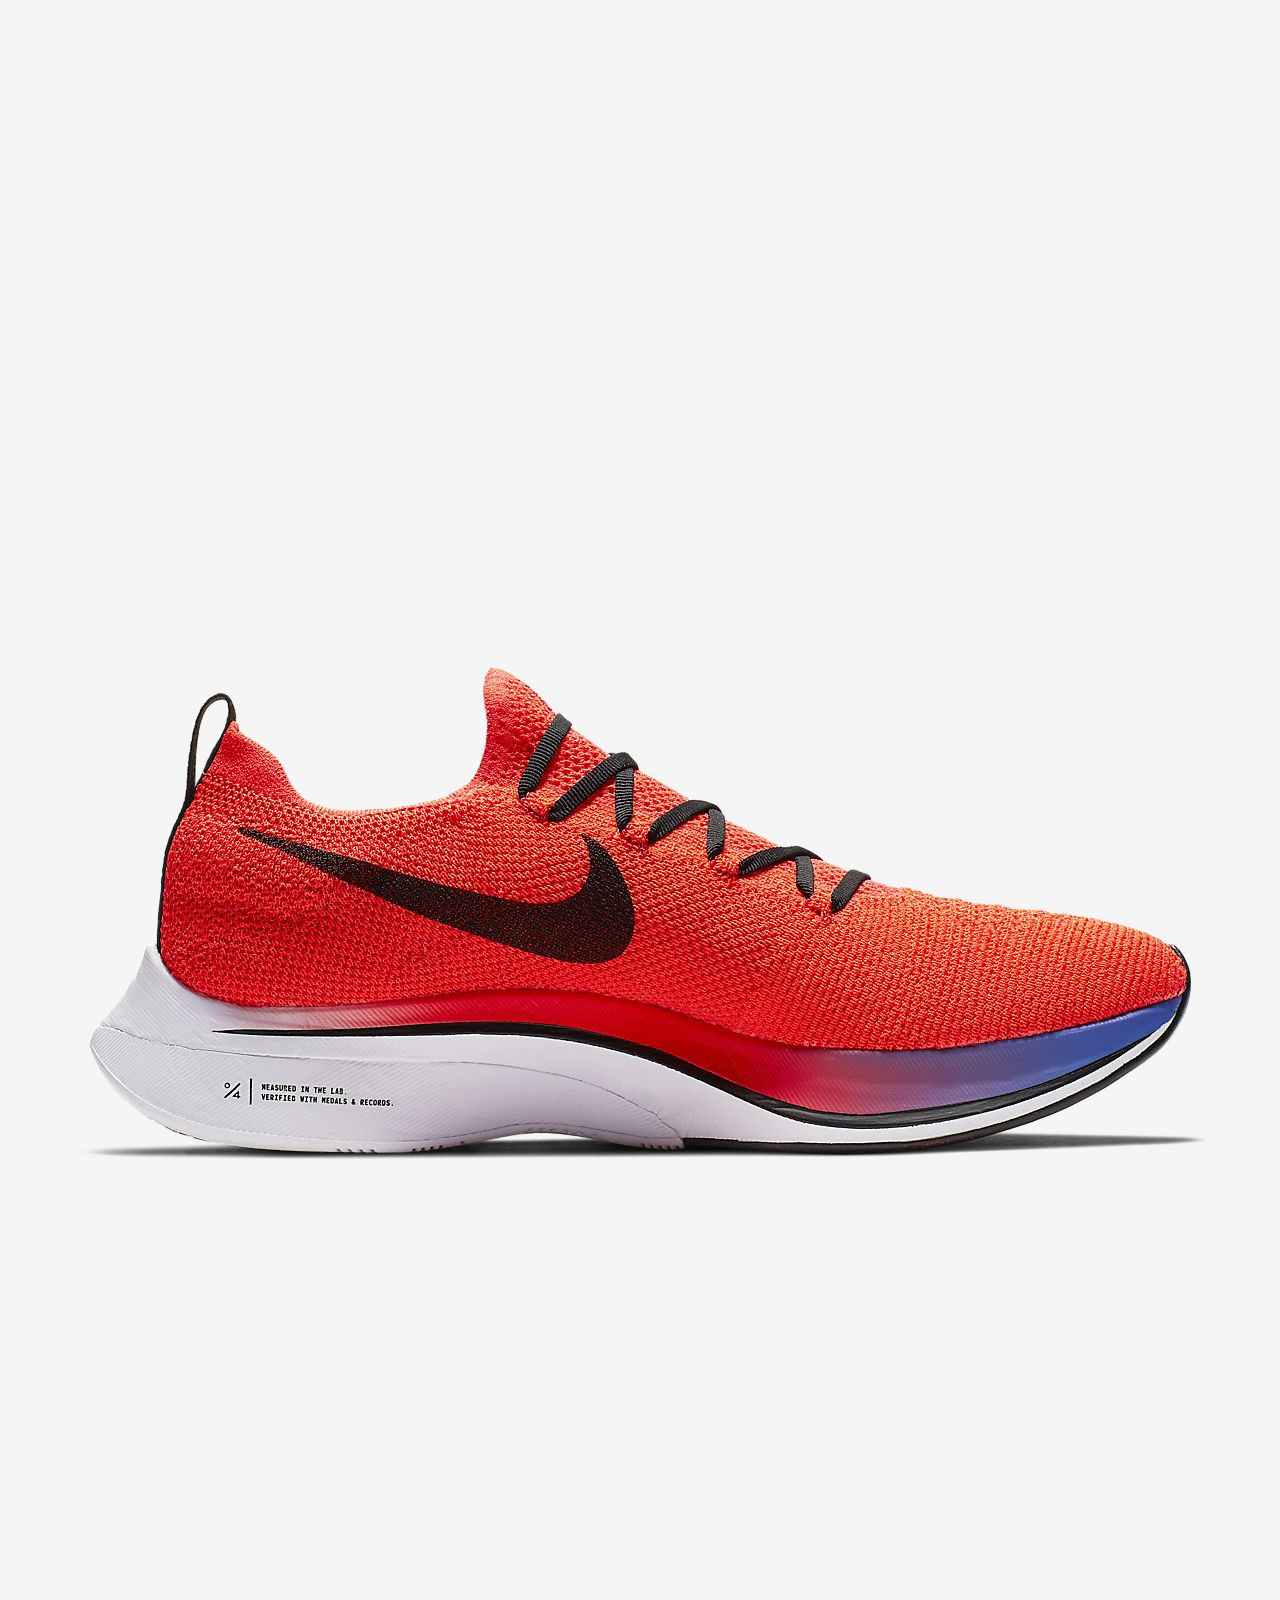 on sale 8b206 37b71 ... Nike Vaporfly 4% Flyknit Running Shoe